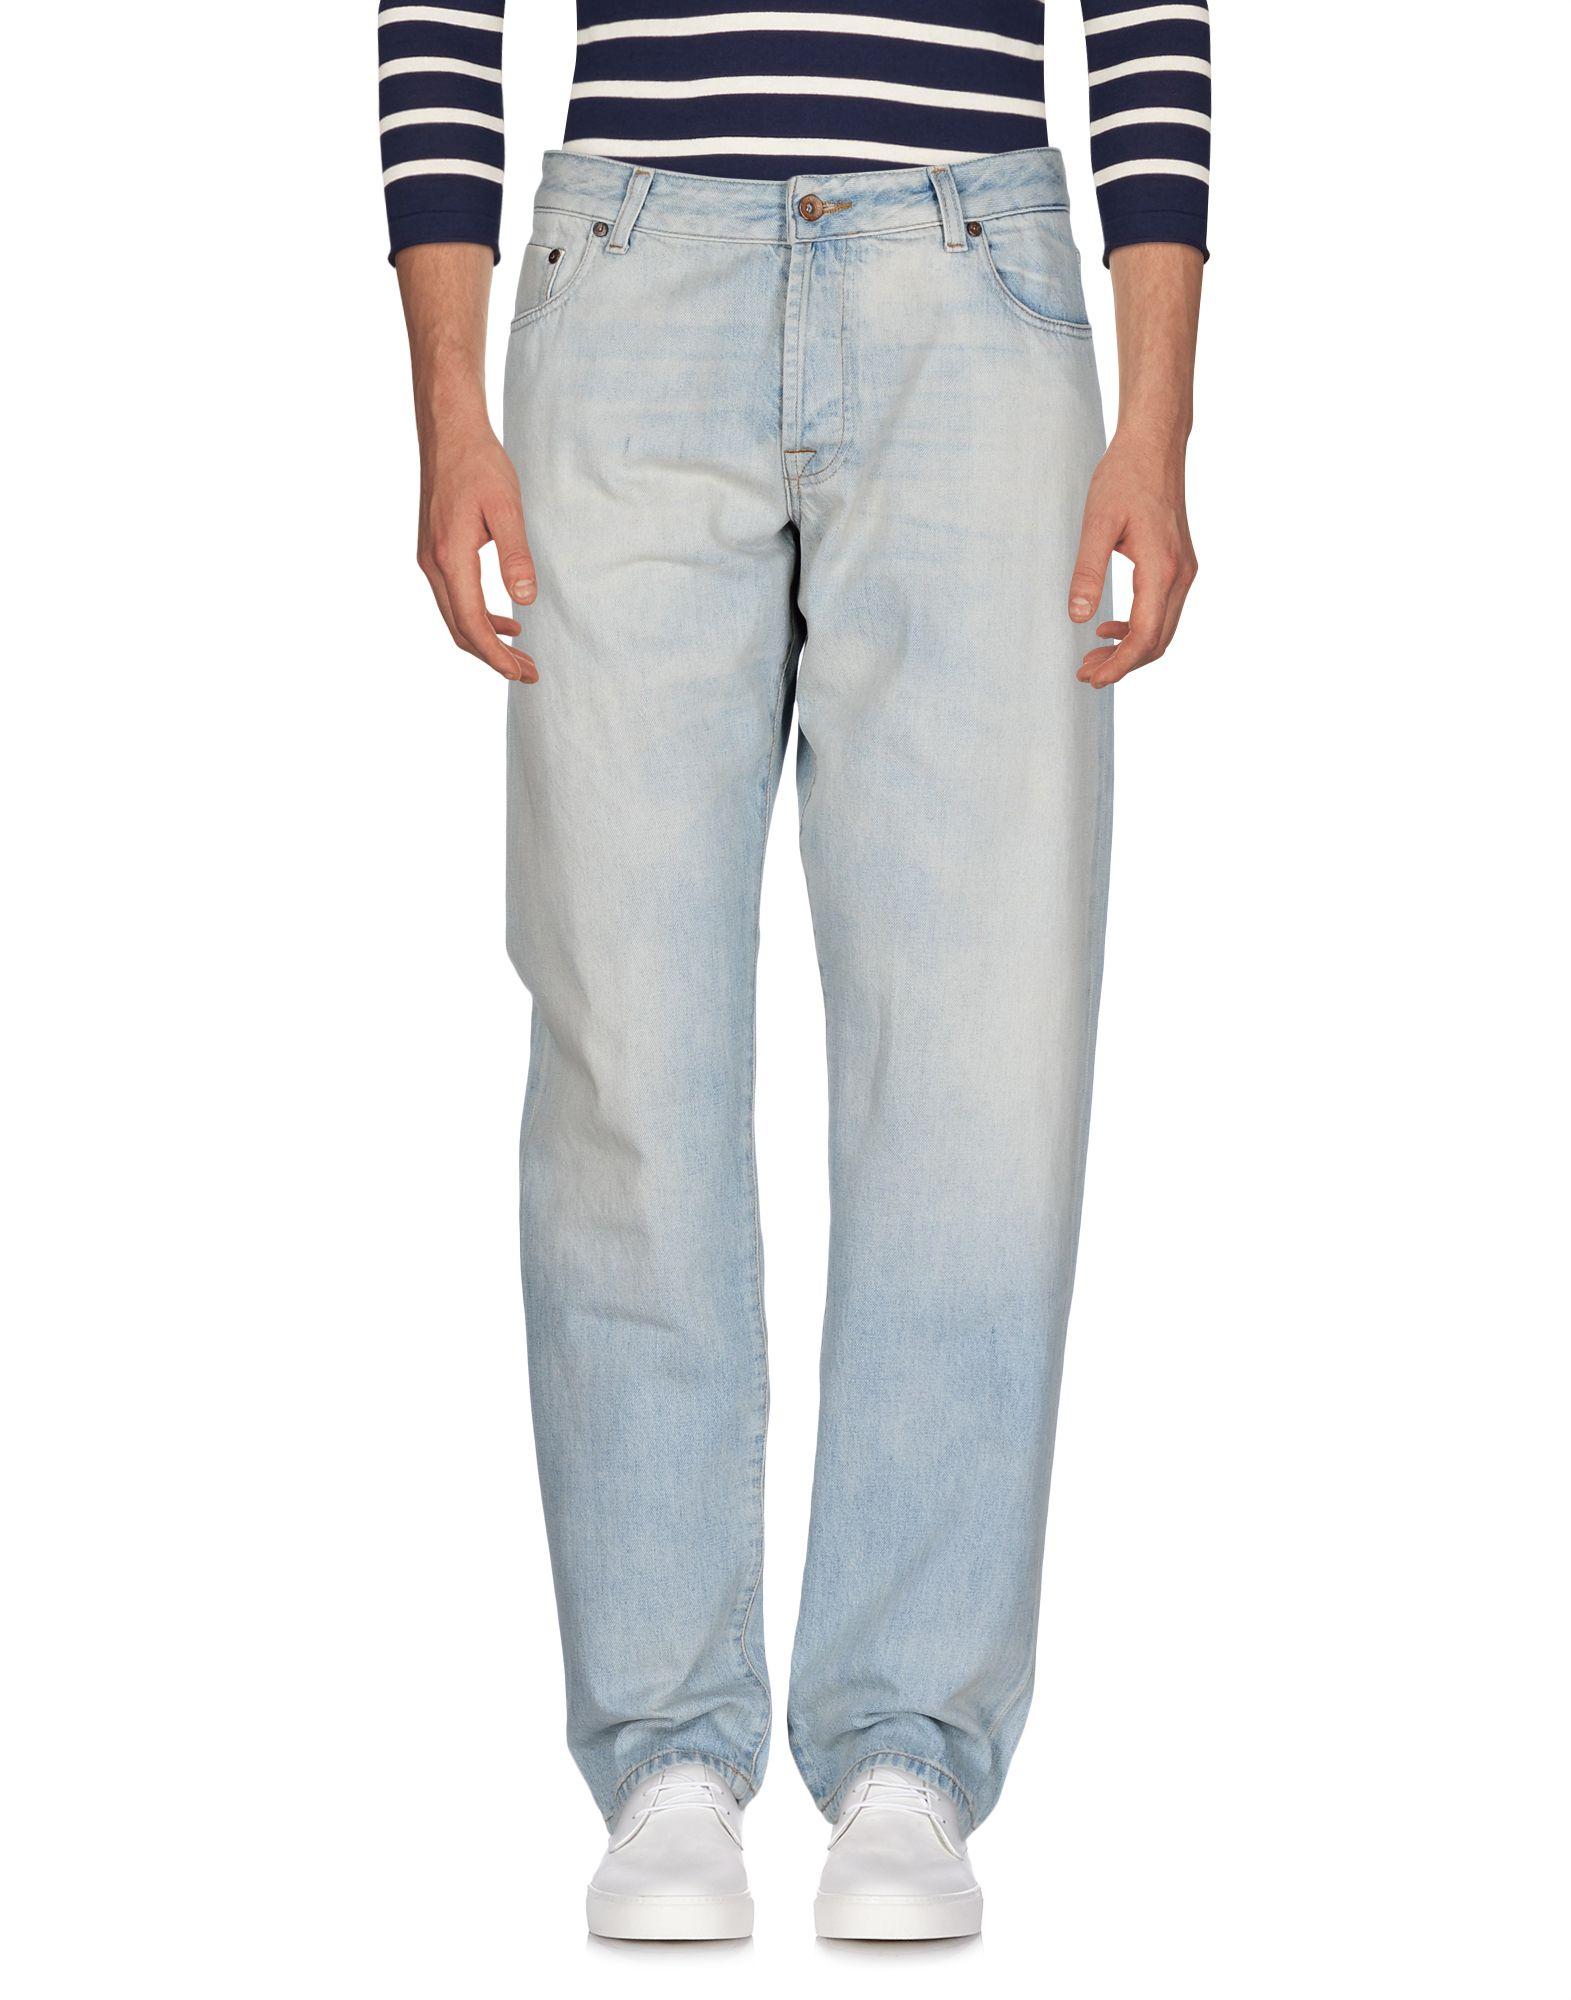 PT05 Джинсовые брюки женские брюки лэйт светлый размер 56